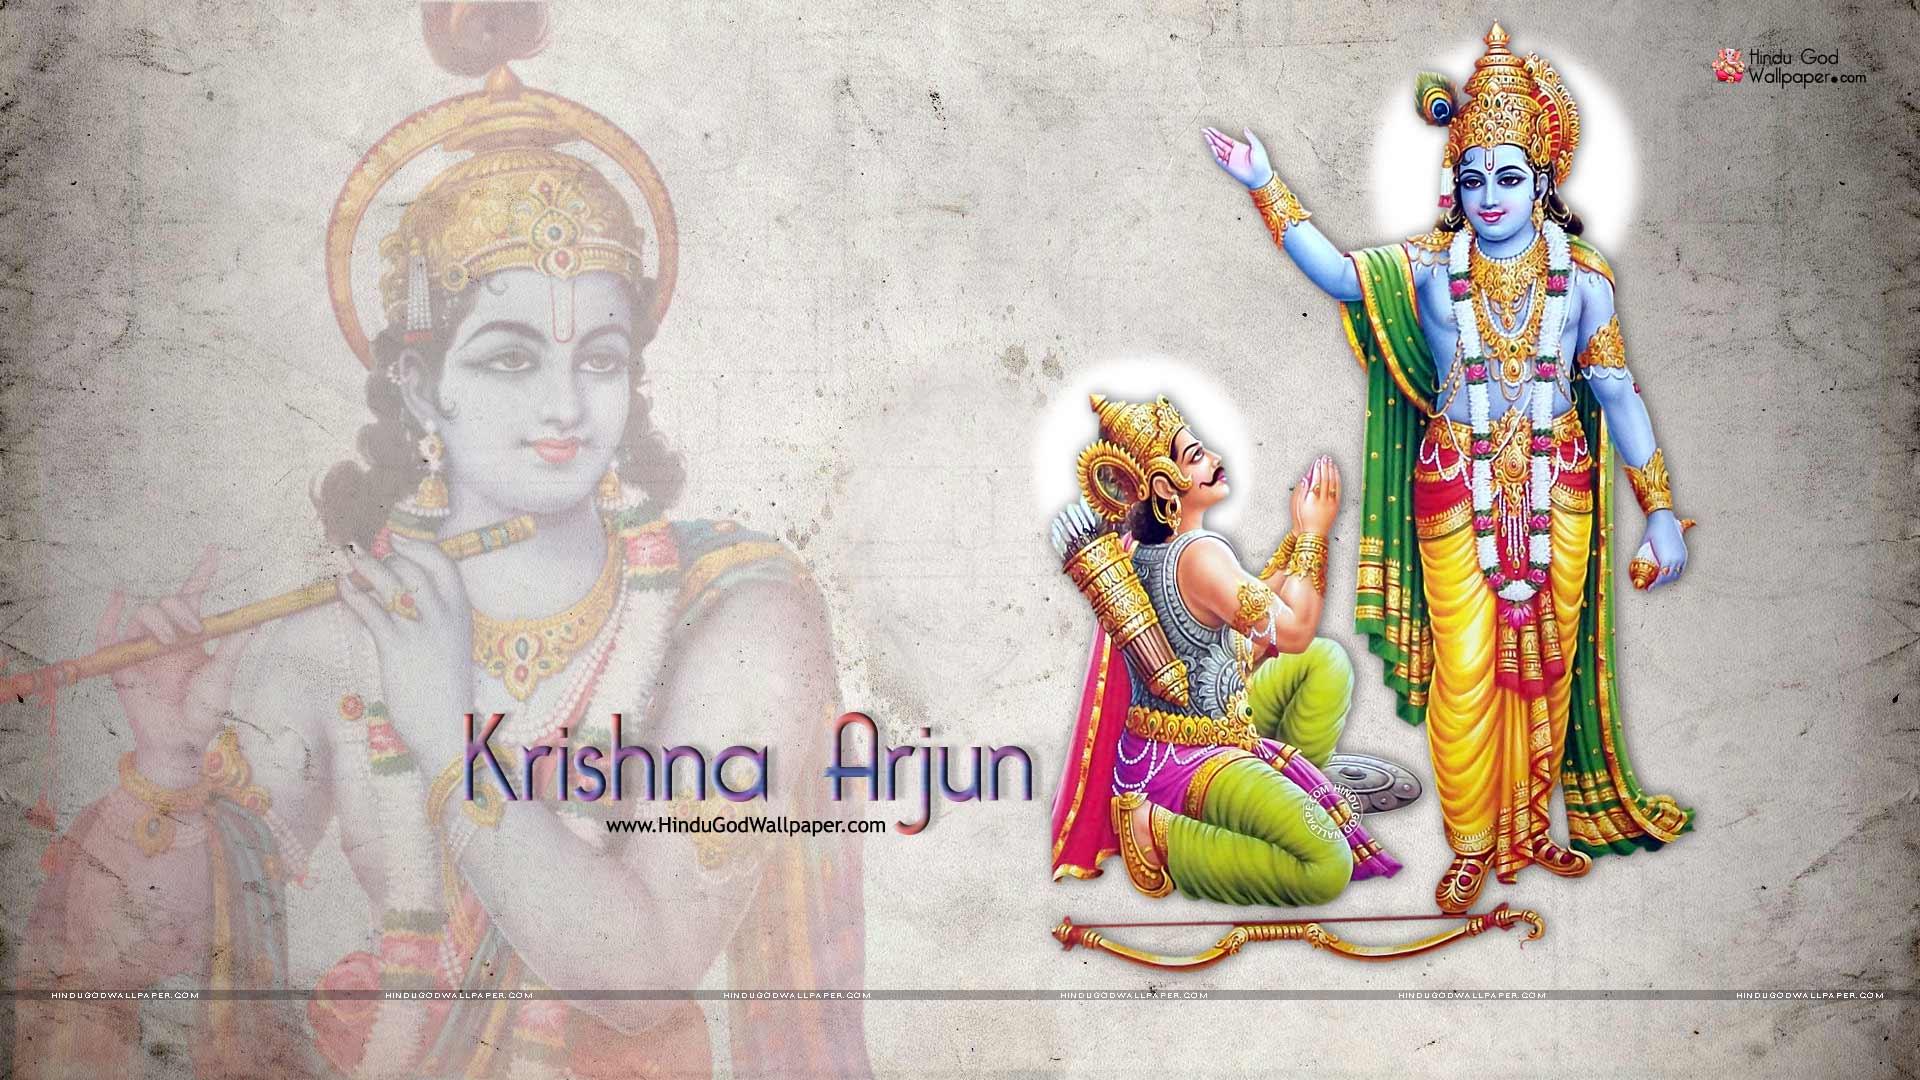 krishna arjun wallpaper hd